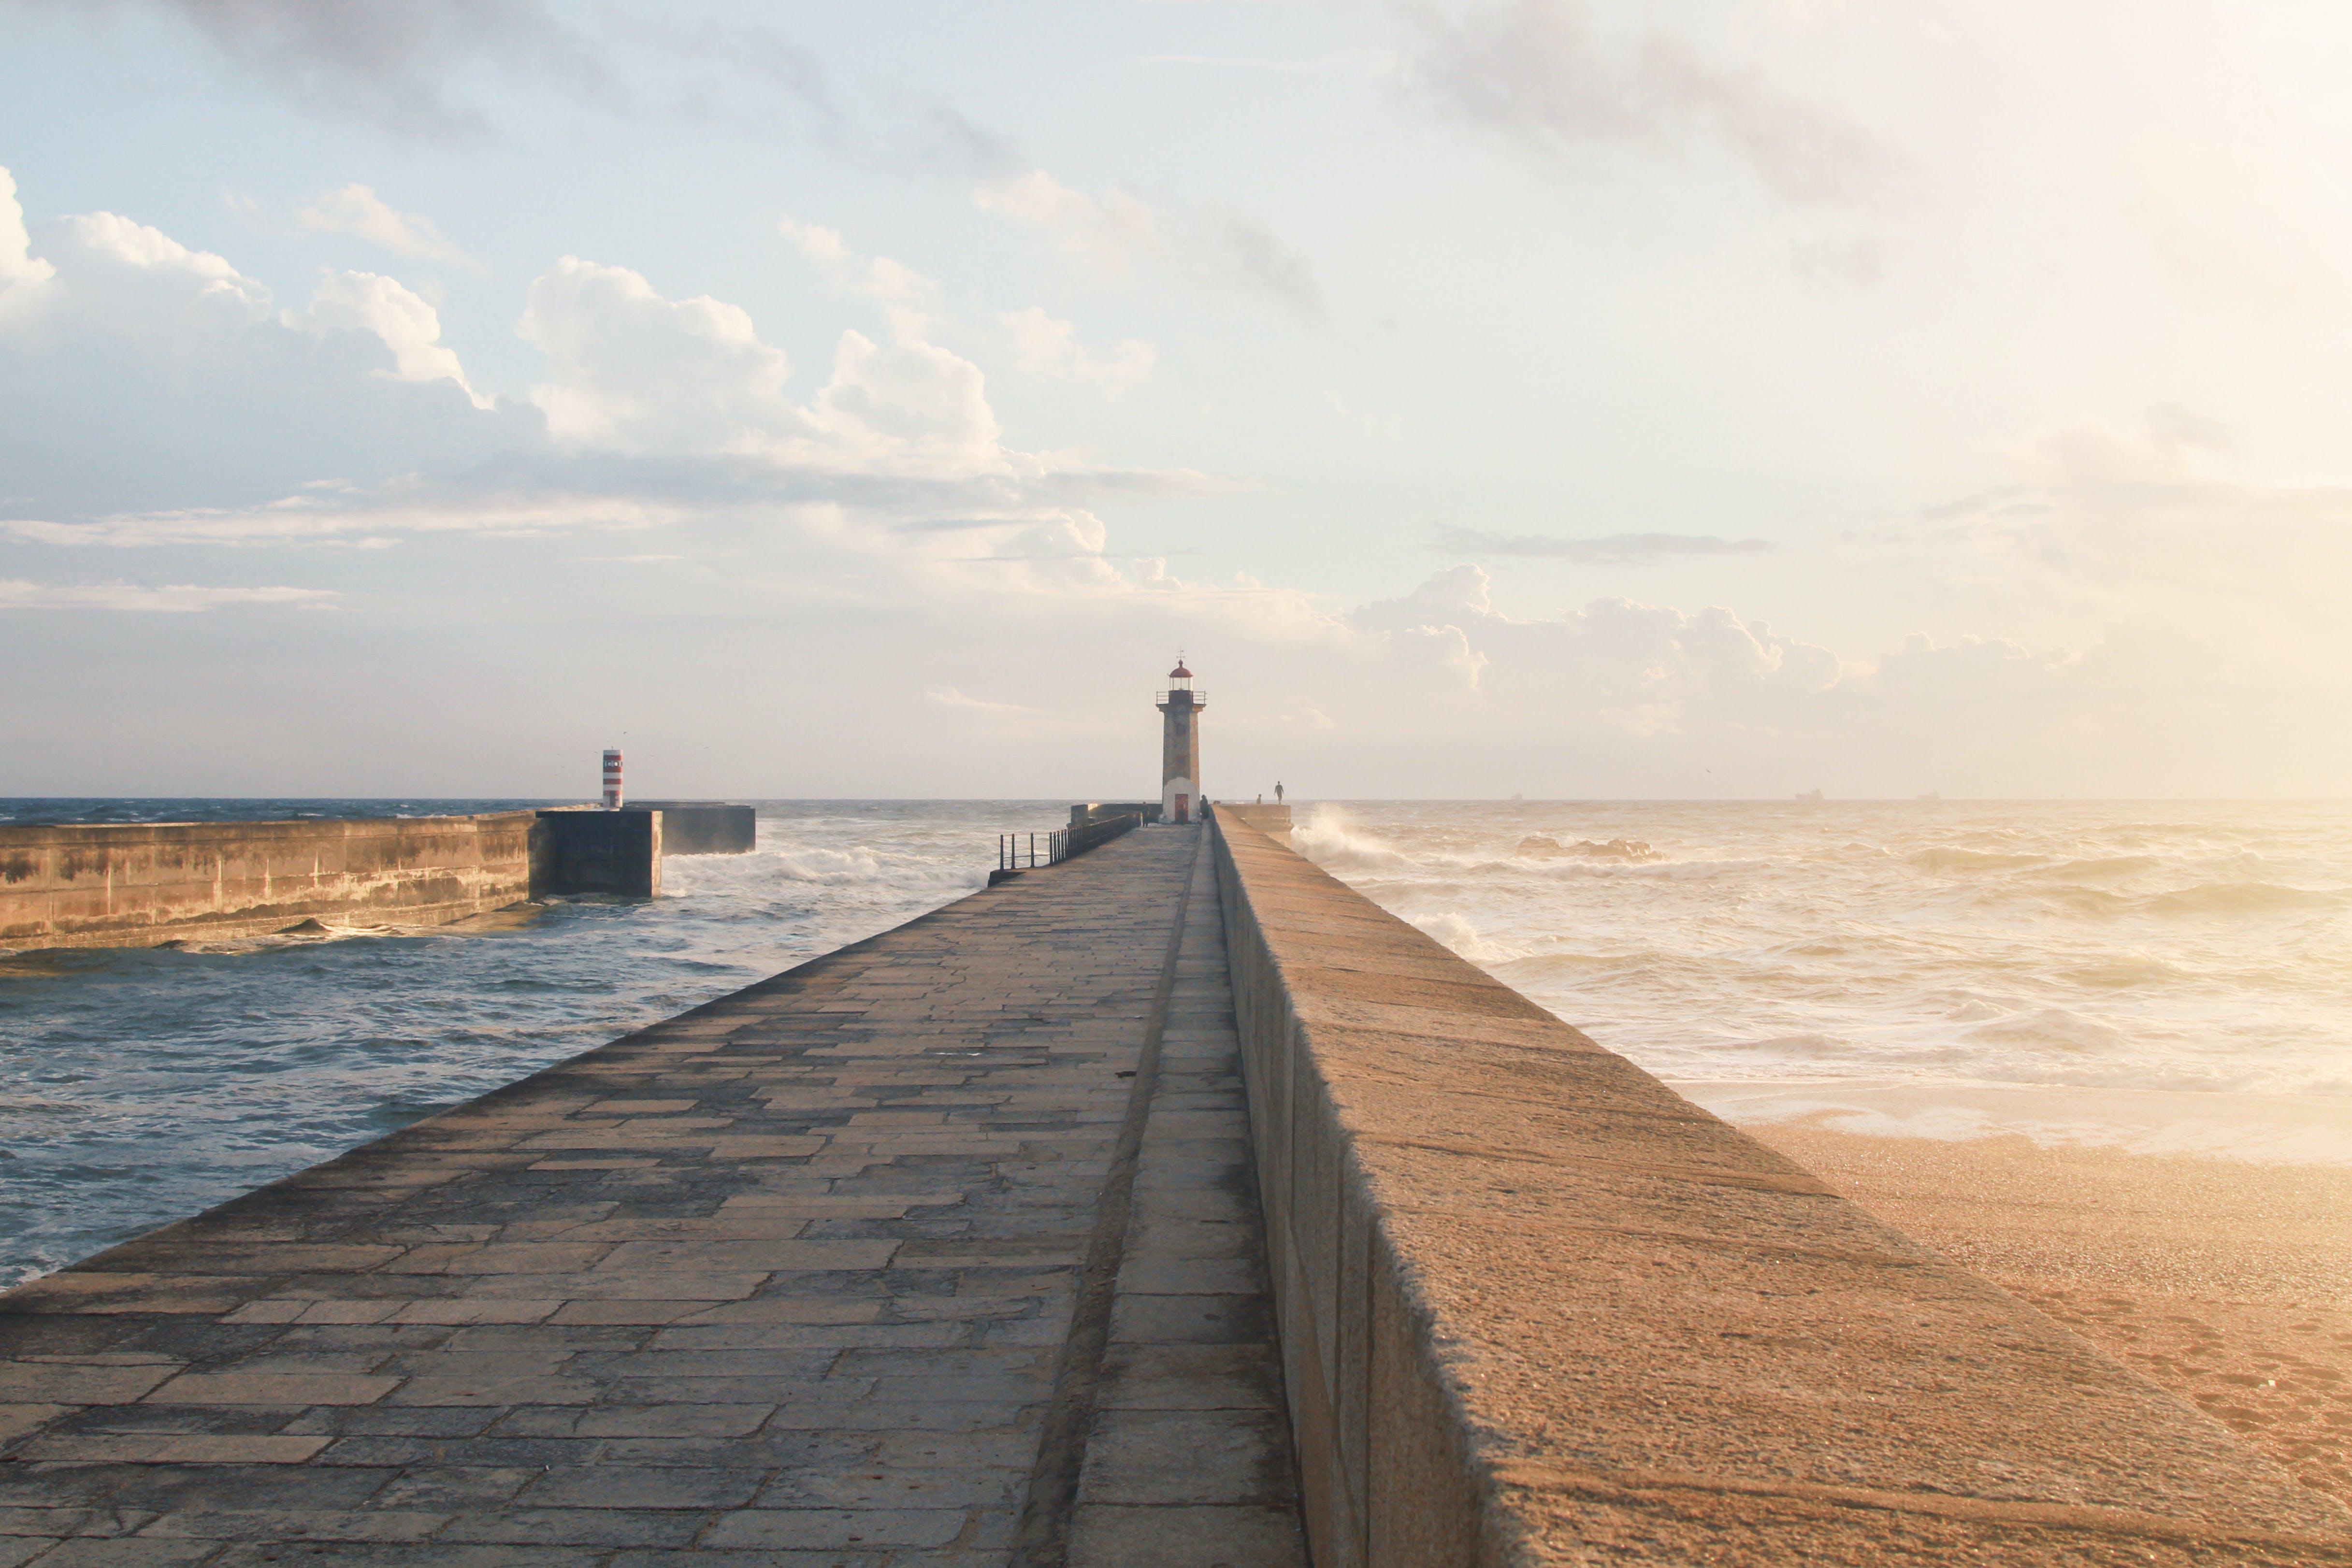 ポルトガル, 夜明け, 岸, 日没の無料の写真素材